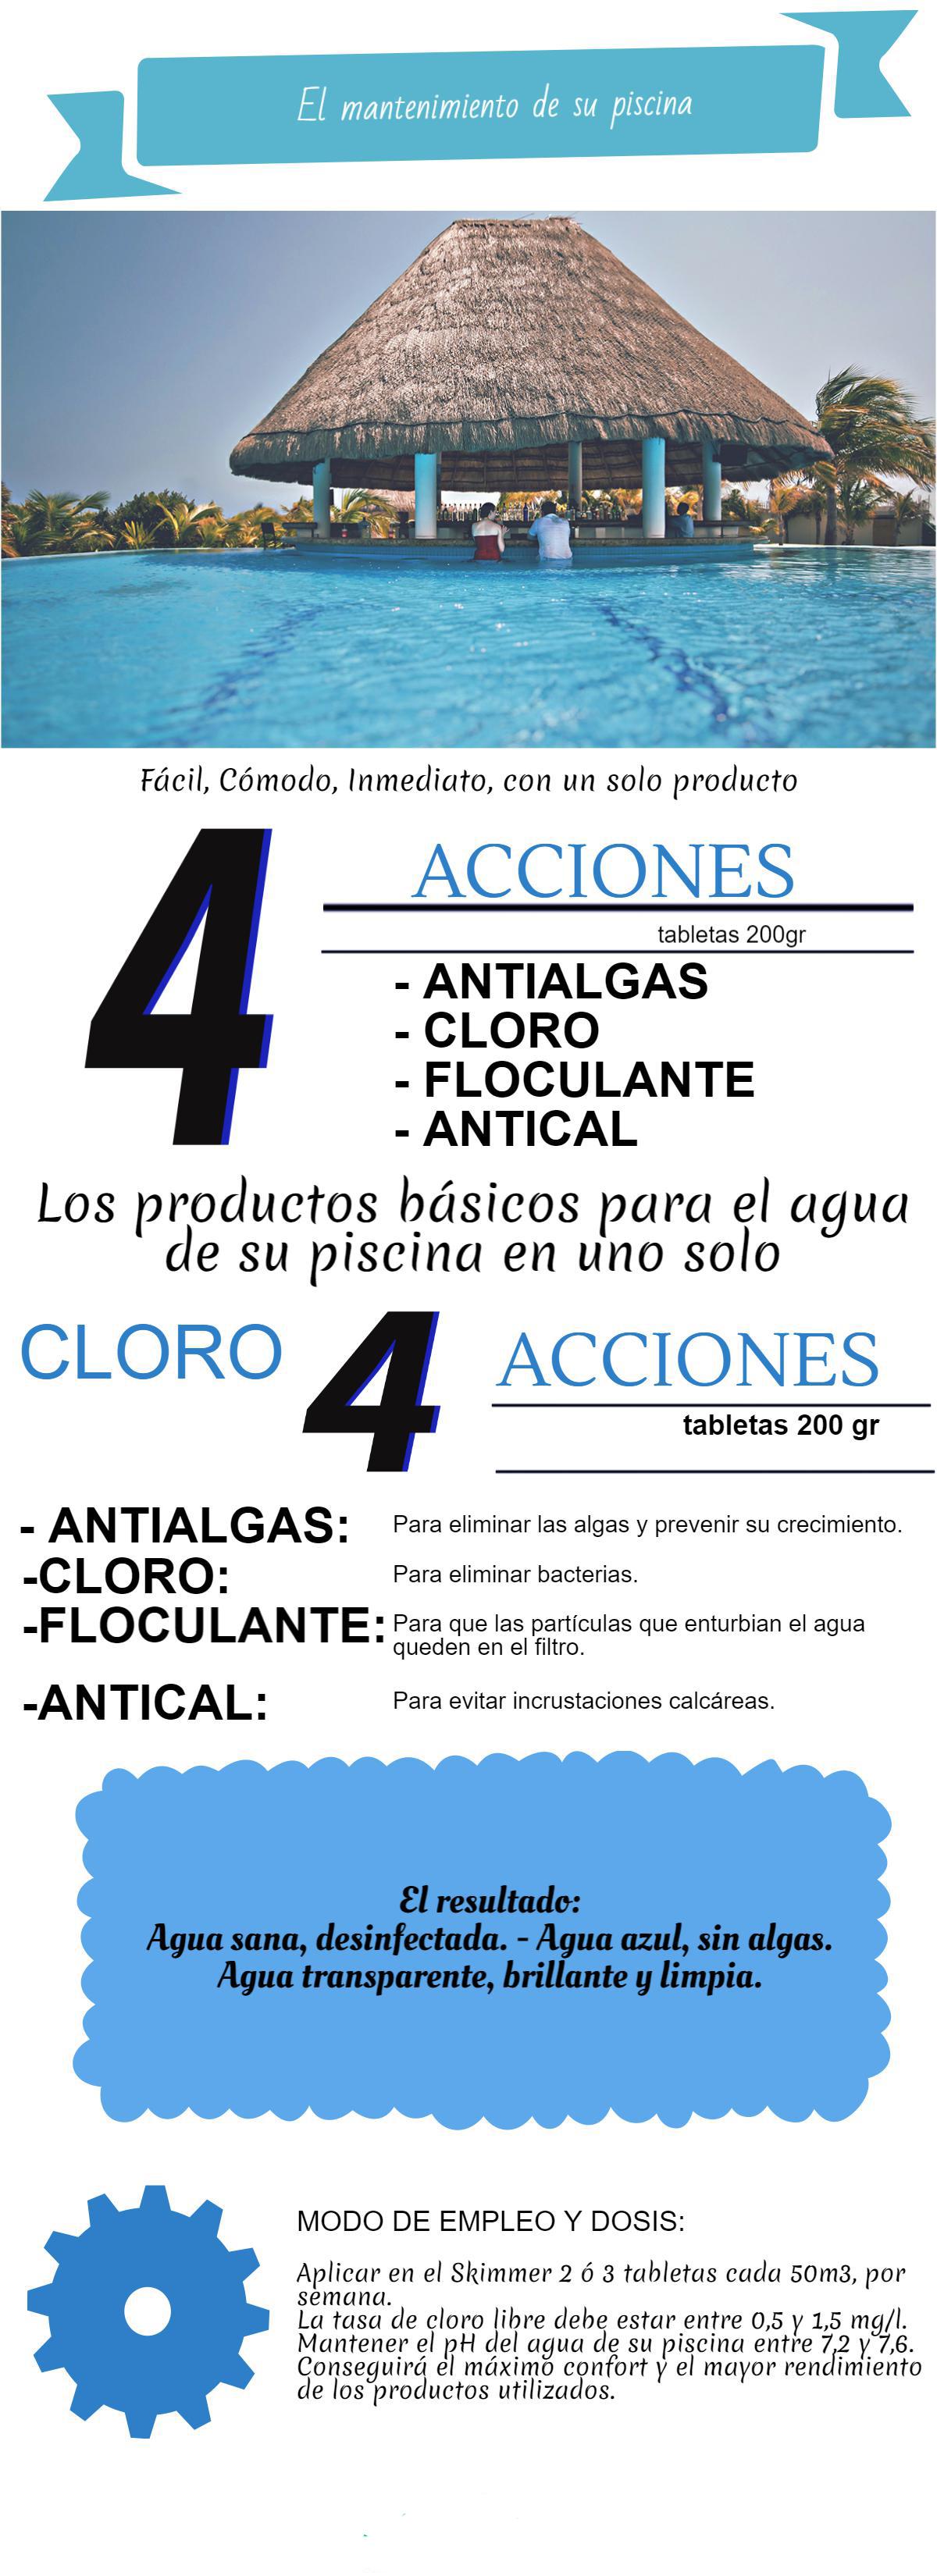 cloro 4 acciones tabletas aquastar